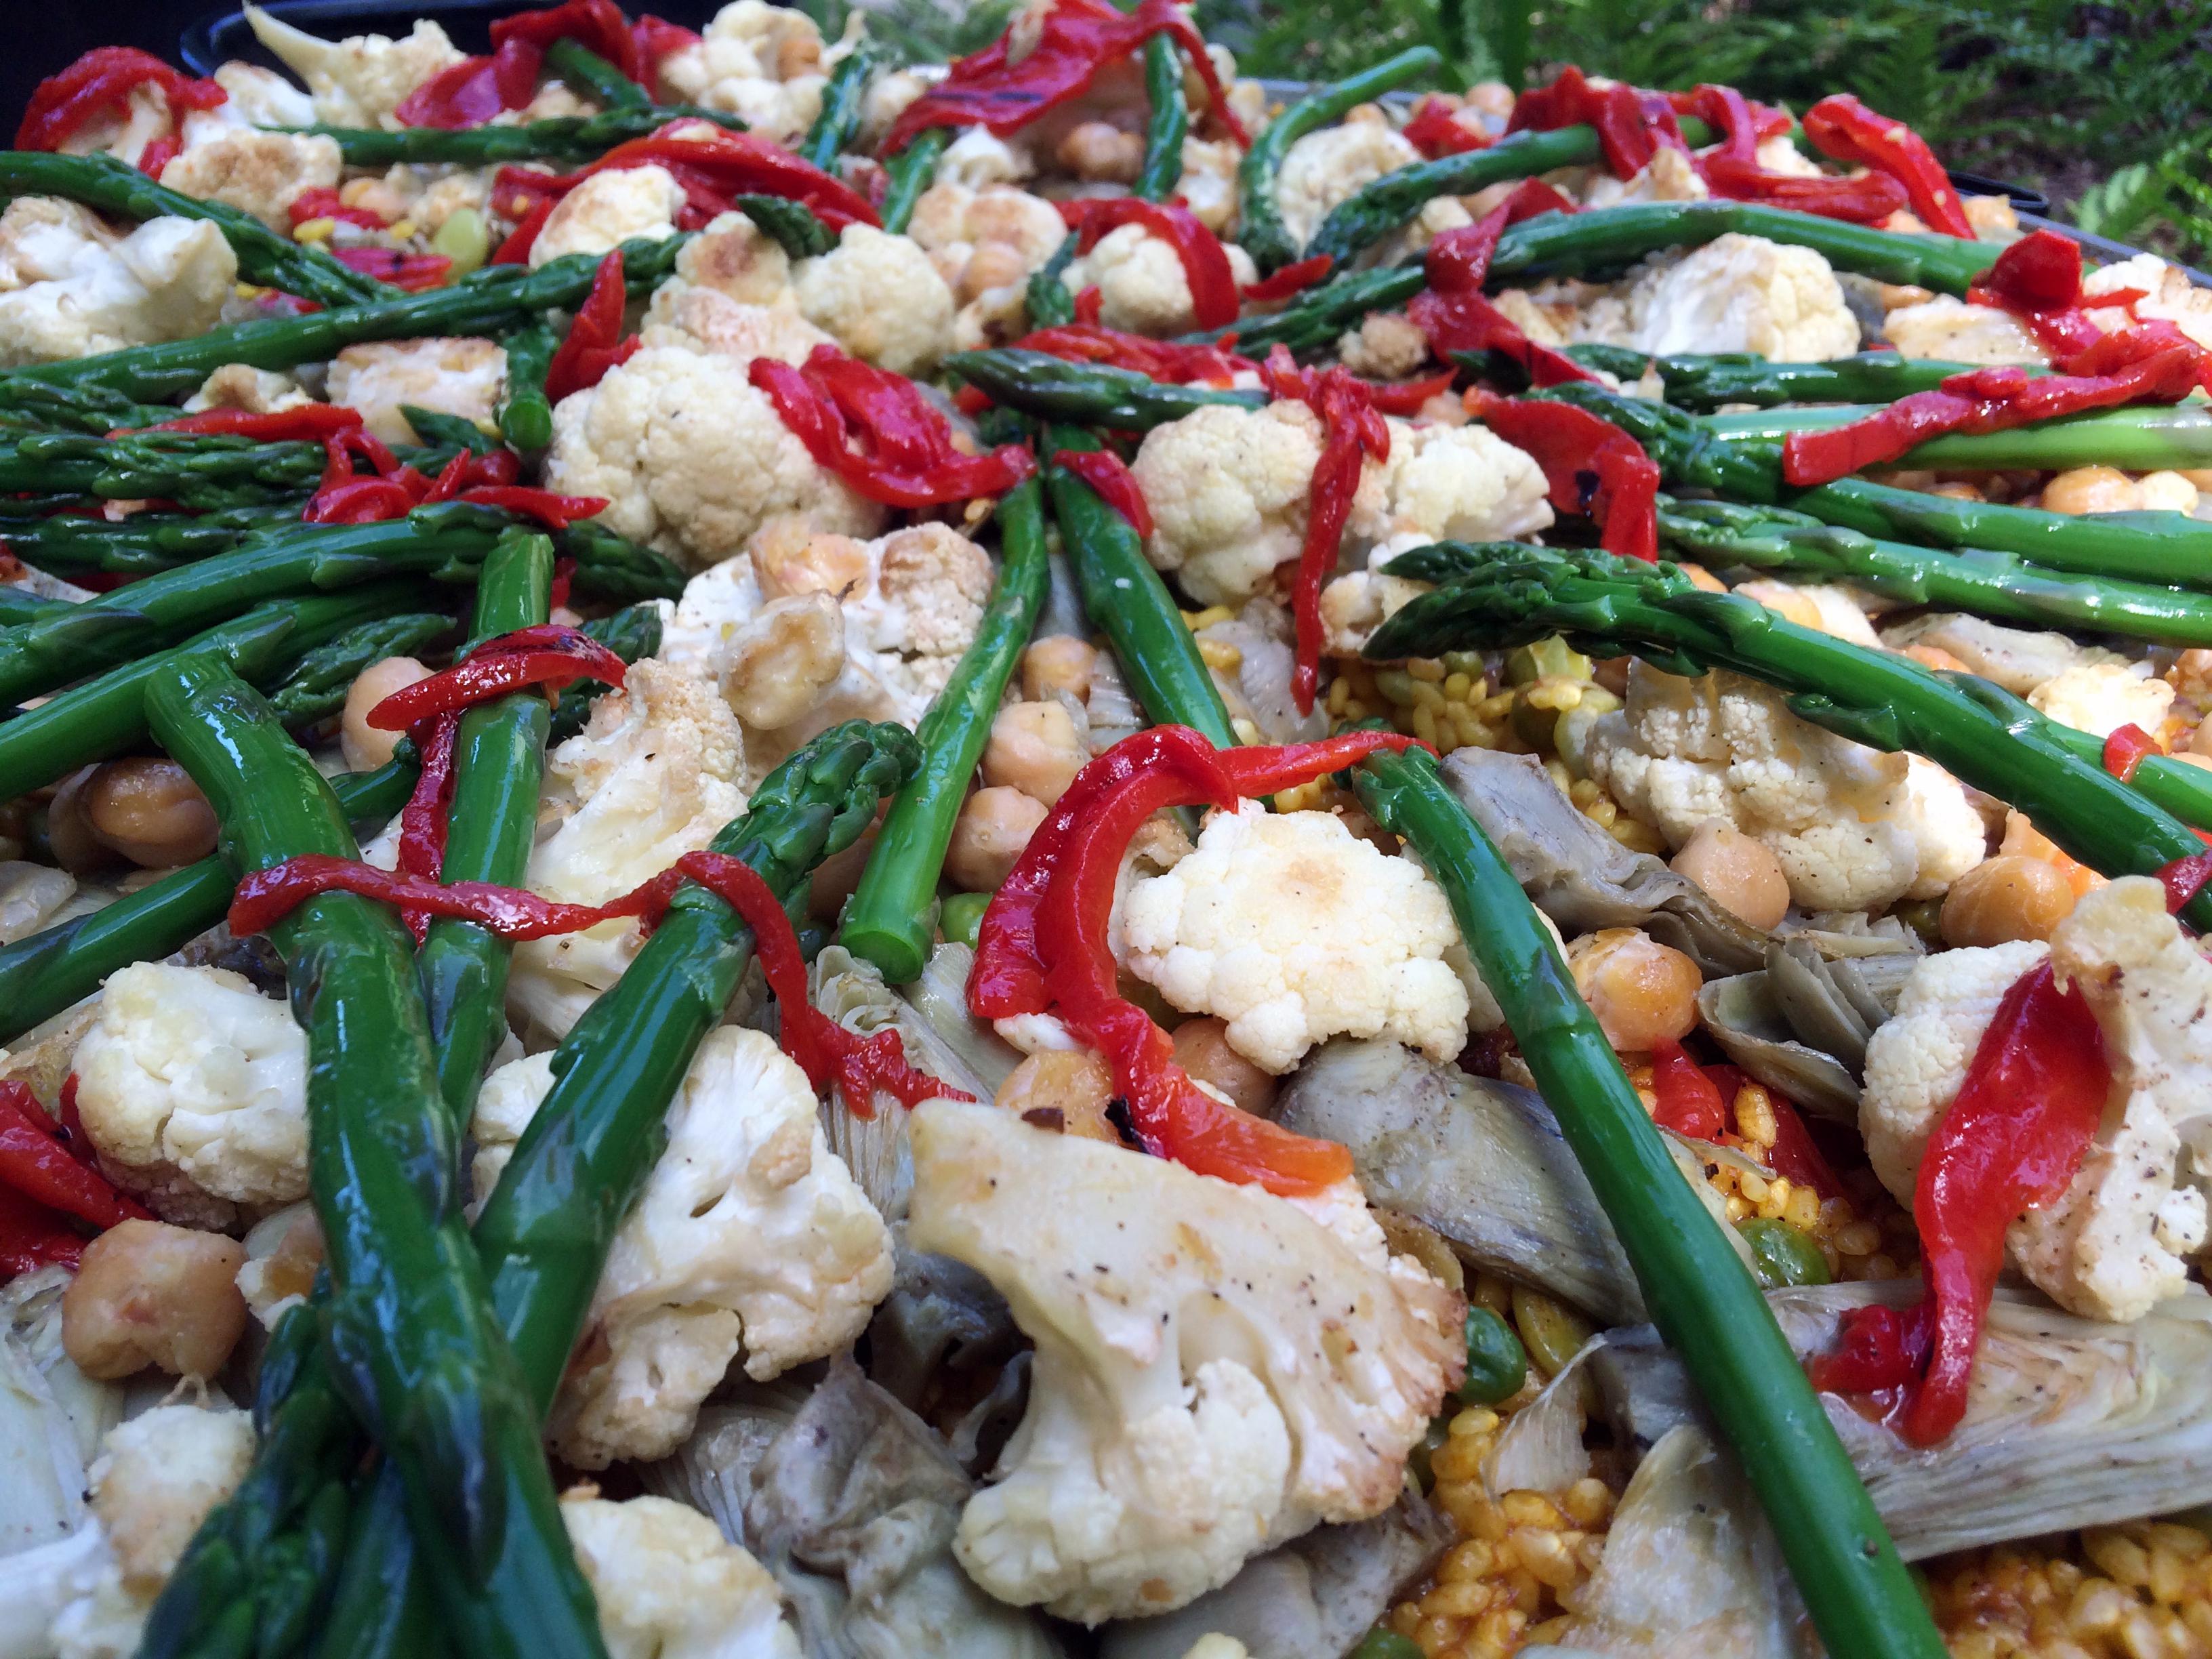 Vegi paella in Sonoma County